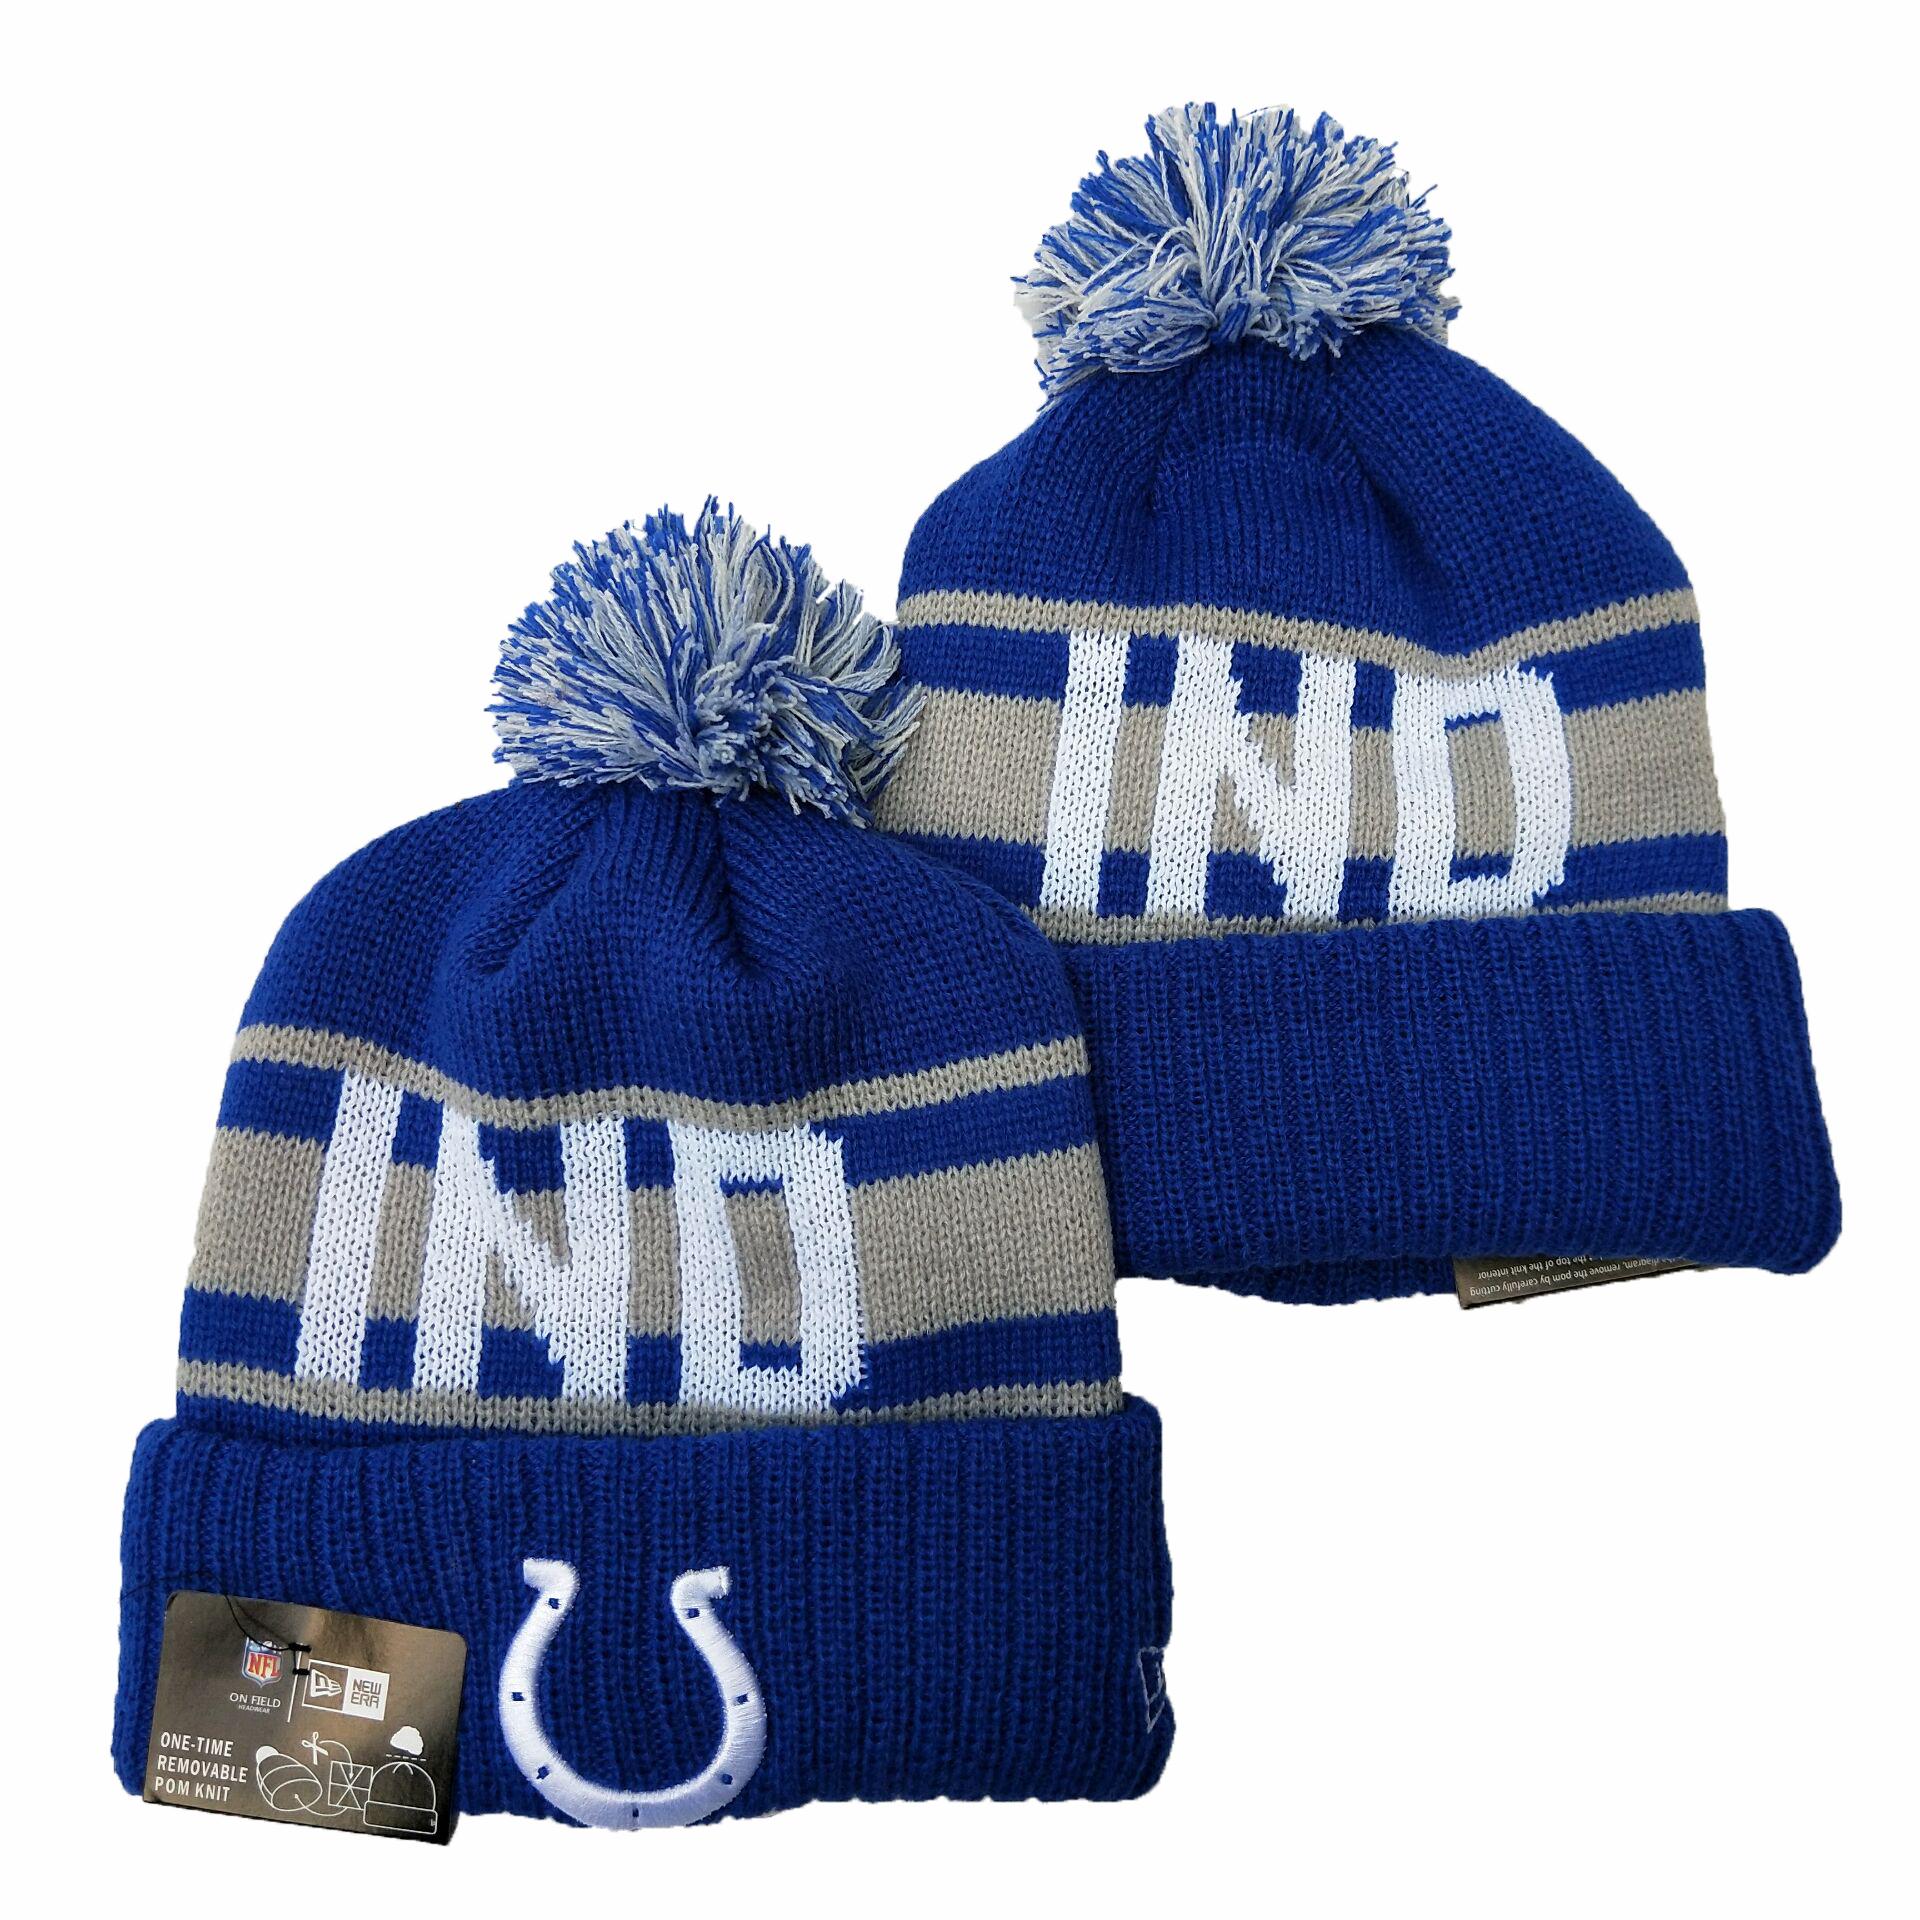 Colts Team Logo Royal Cuffed Knit Hat YD